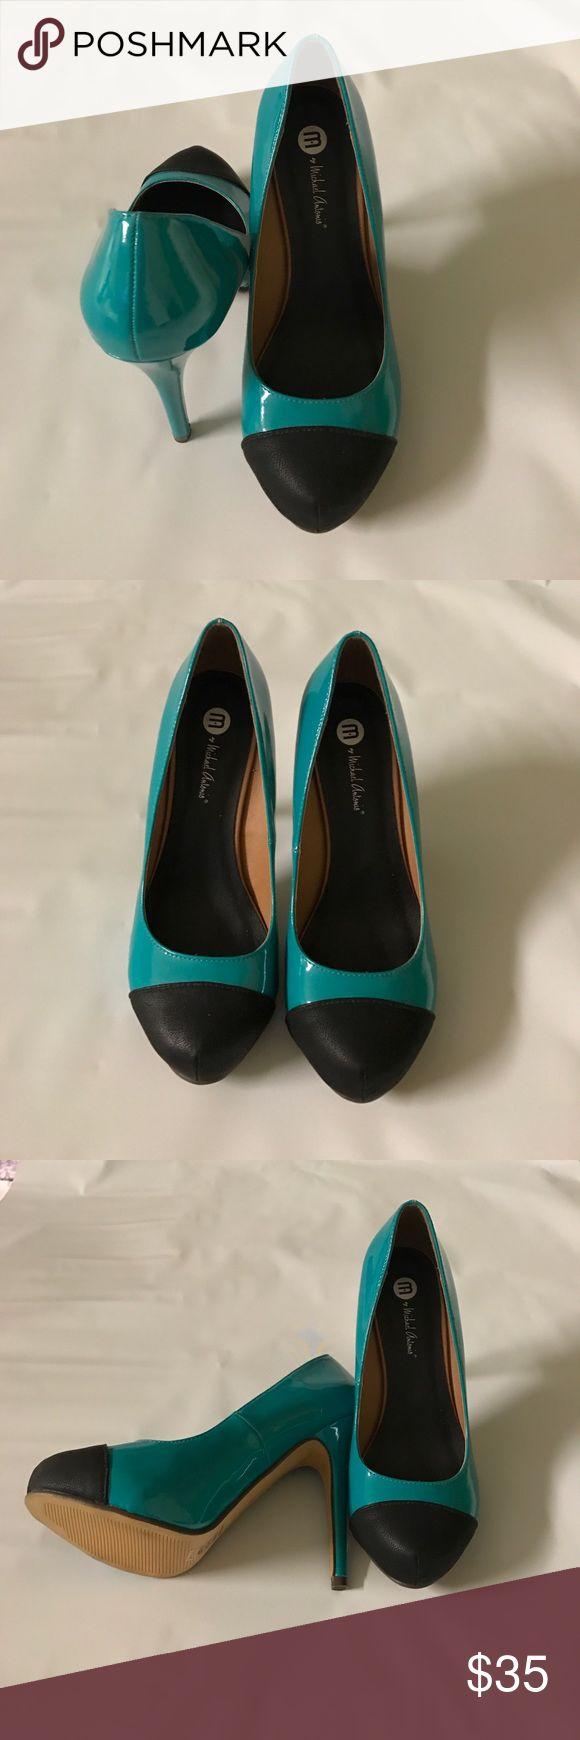 Teal High Heels 4-inch high heels, teal in color, gently used Michael Antonio Shoes Heels